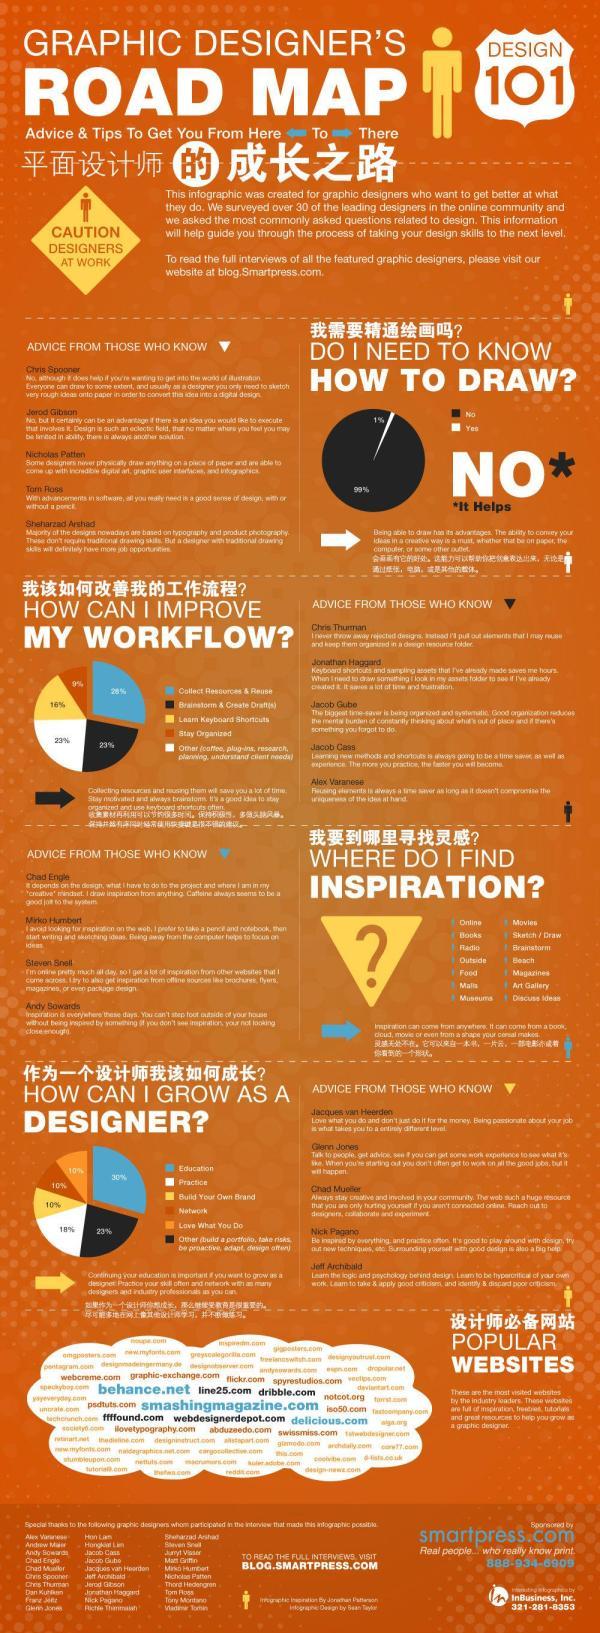 10 Illustrations Create the Best Graphic Designer4